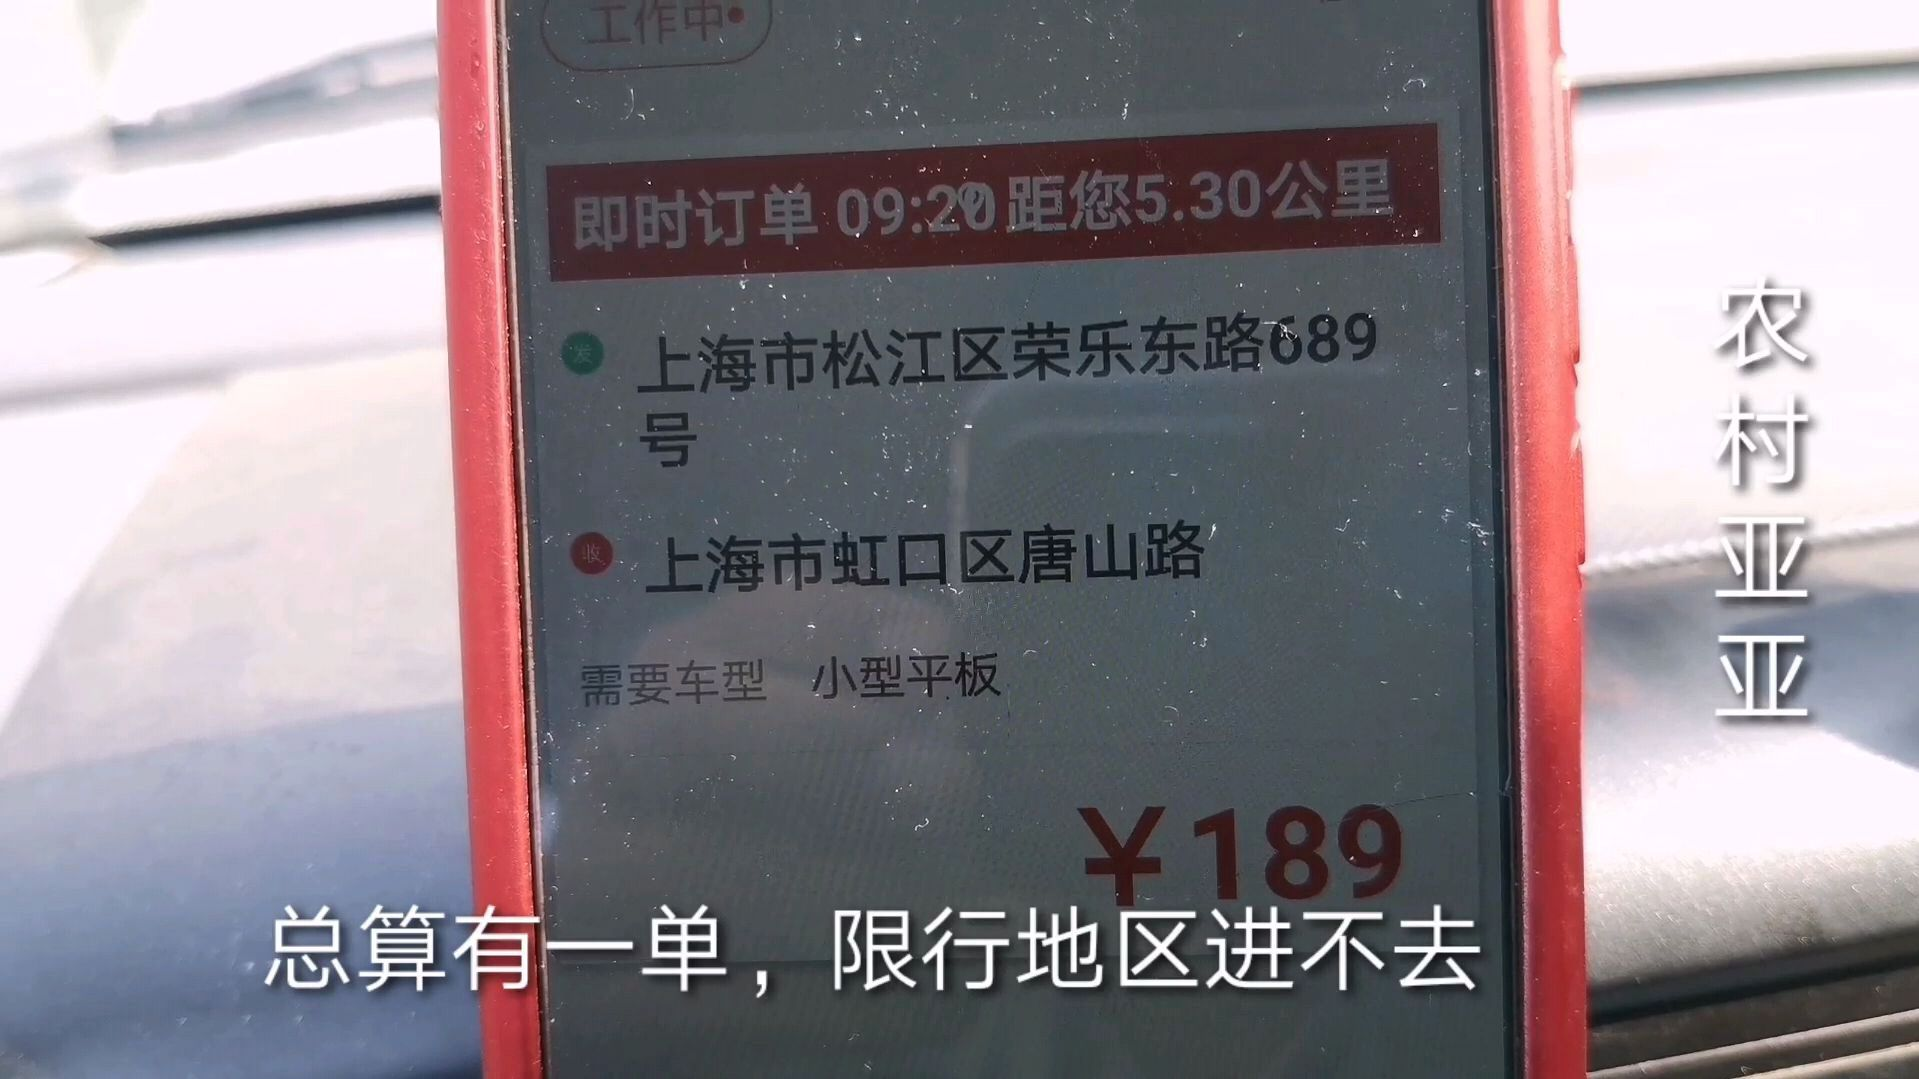 货拉拉司机在上海松江,单子真的很多吗?来看看这才是真实情况